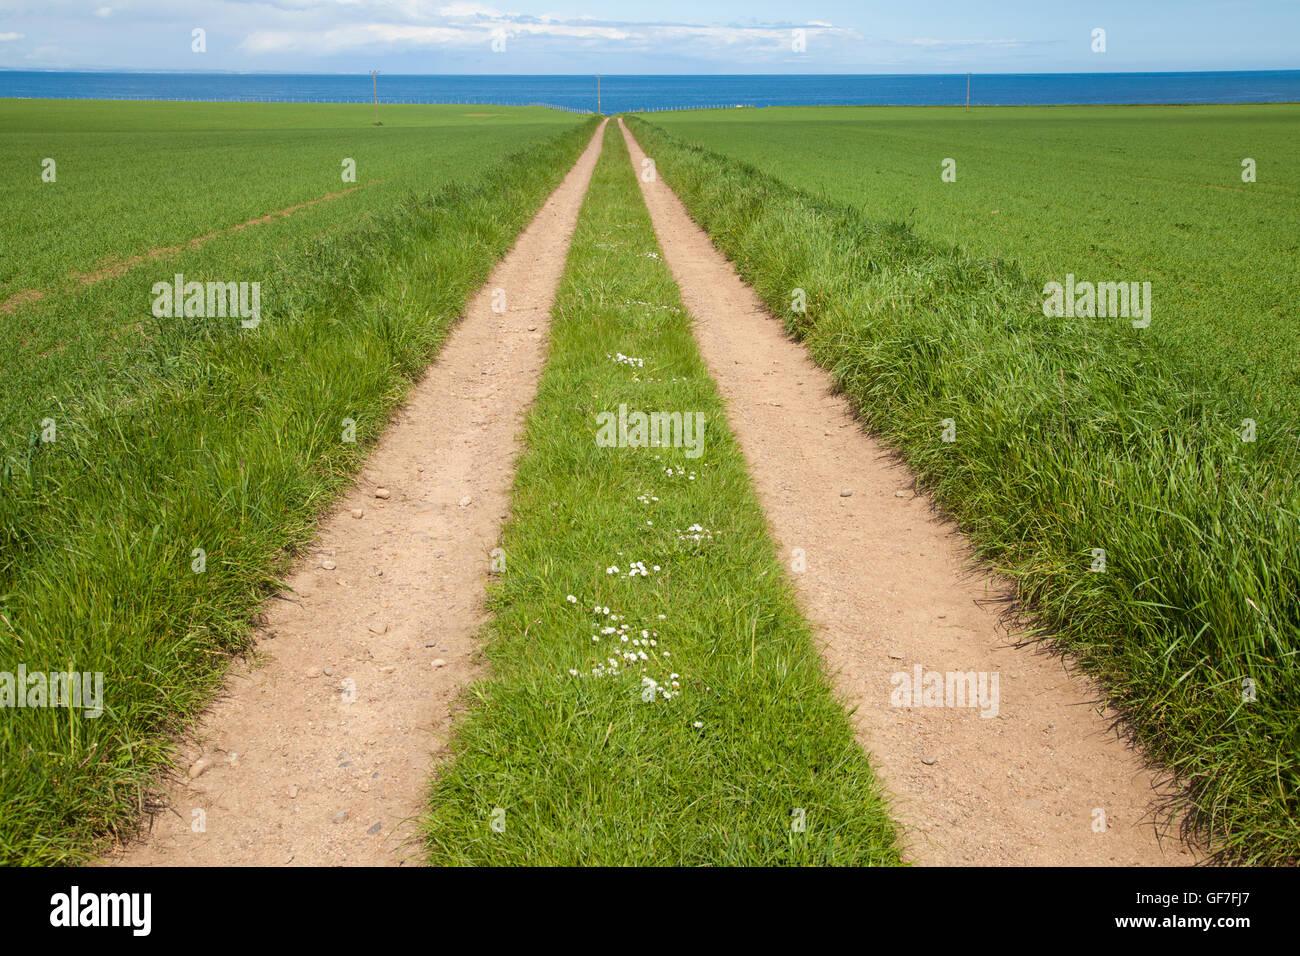 Ein Weg durch ein Feld in der Ferne verschwindet. Stockbild